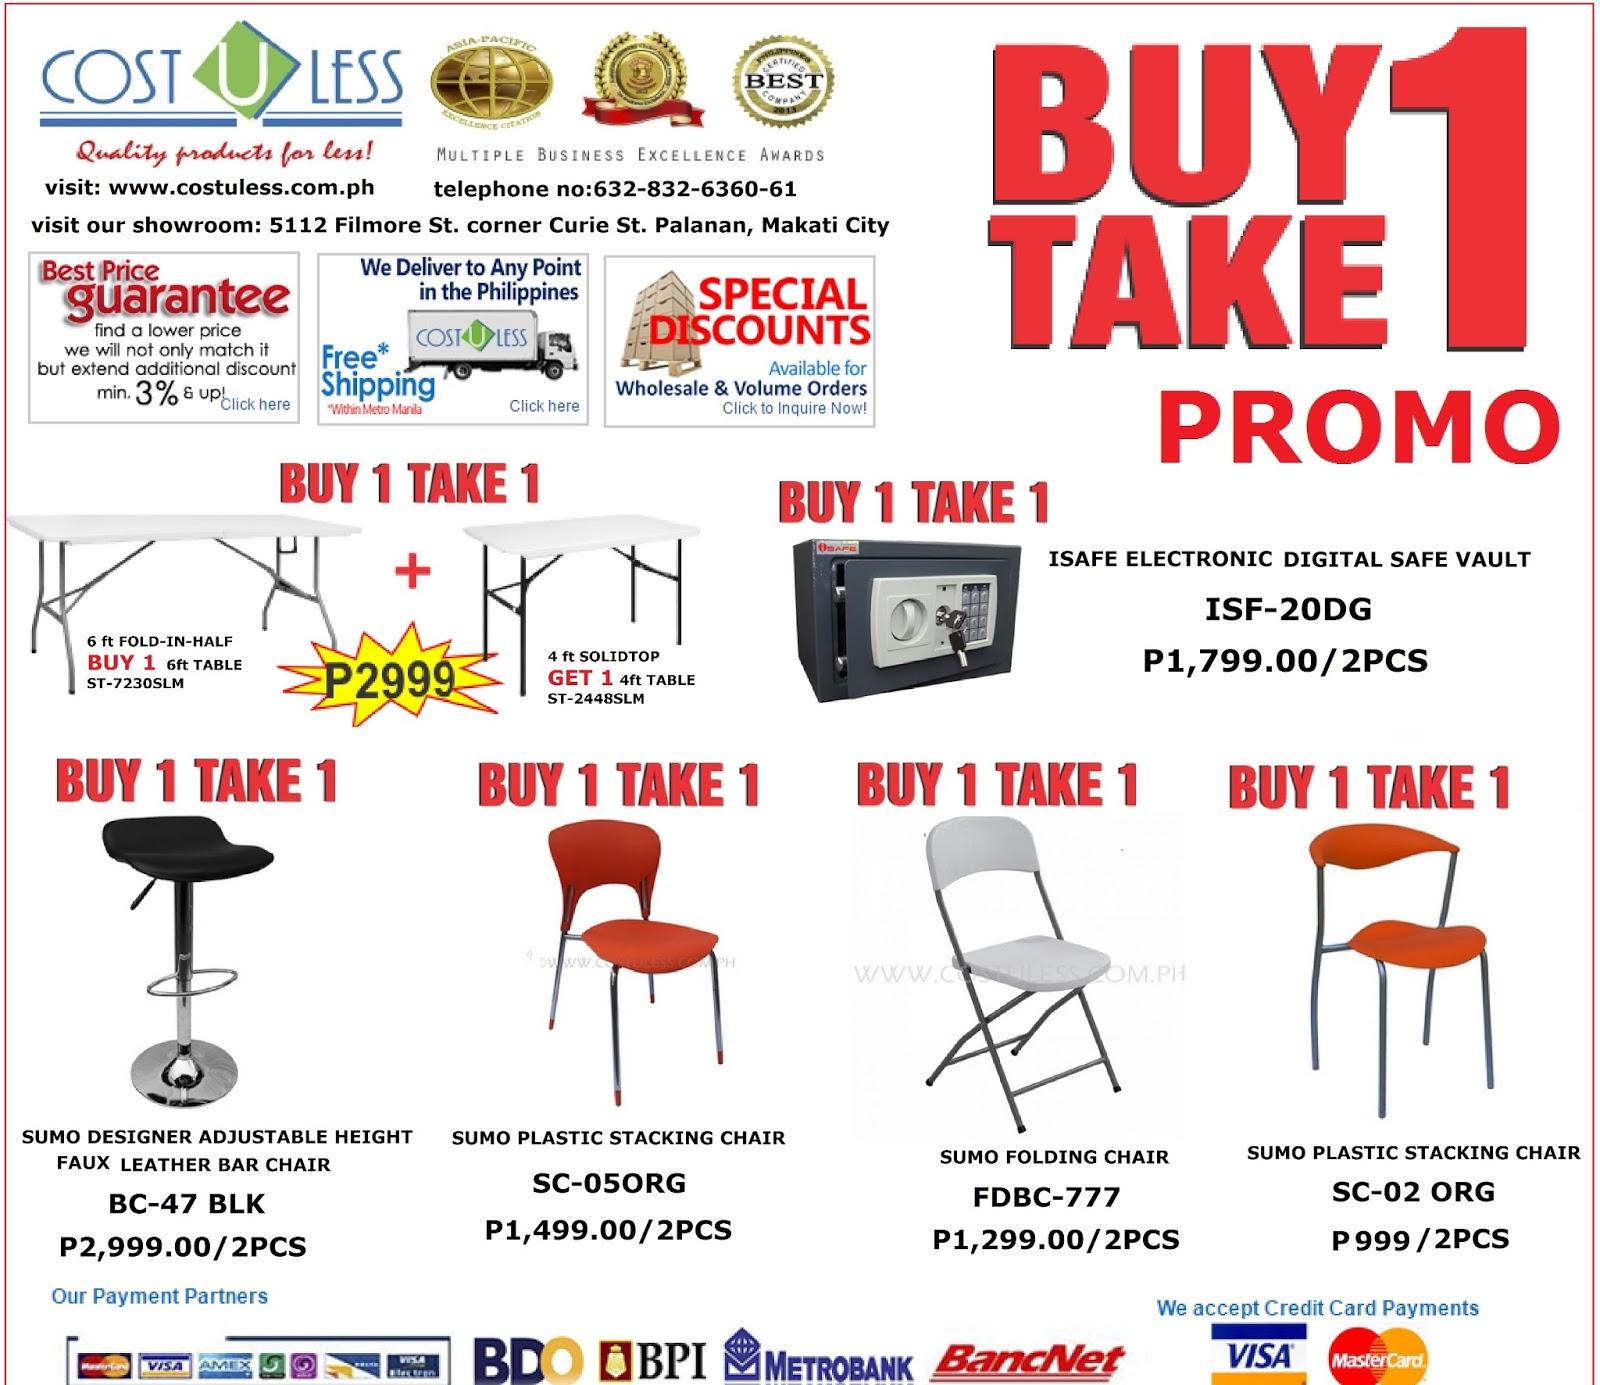 Cost U Less-Office Furniture Manila,Furniture Supplier